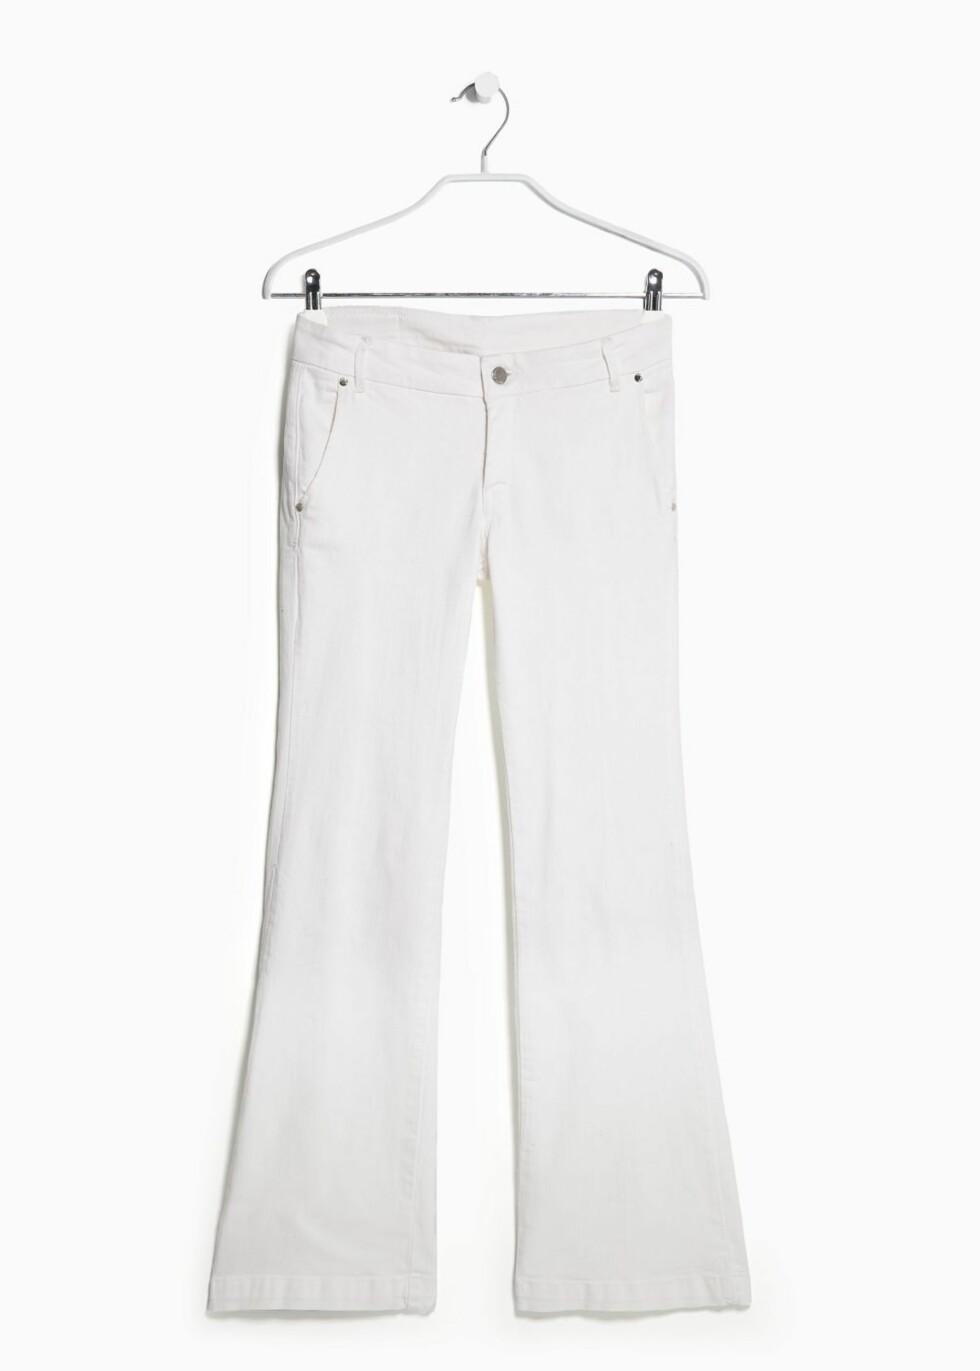 Jeans fra Mango, salgspris: 147 kr. Foto: Produsenten.